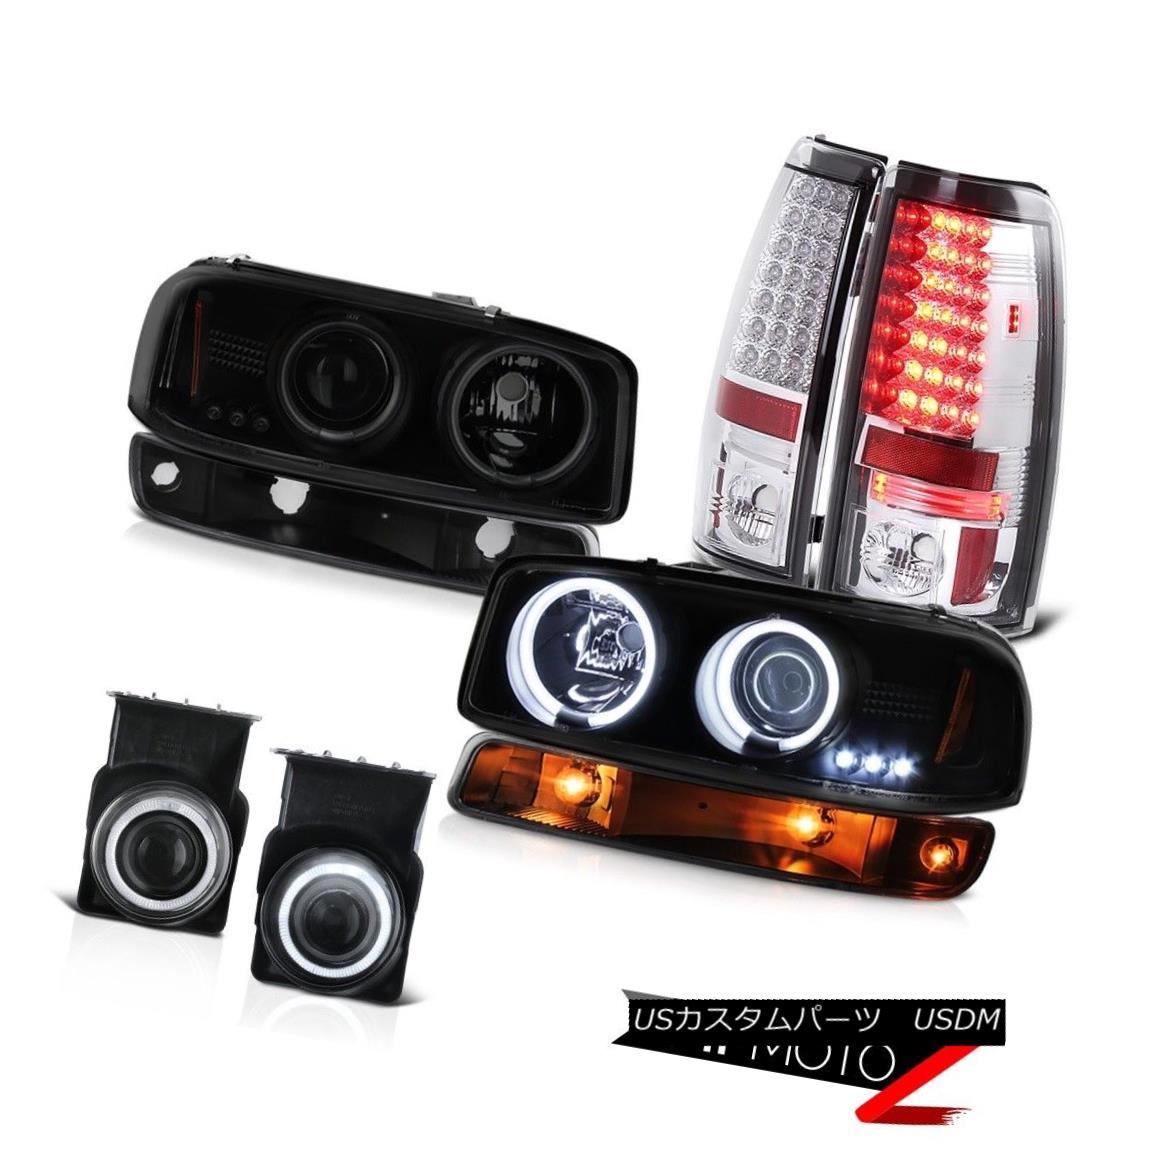 テールライト 03-06 Sierra 3500HD Foglights tail brake lights parking lamp ccfl headlights 03-06シエラ3500HDフォグライトテールブレーキライトパーキングランプccflヘッドライト